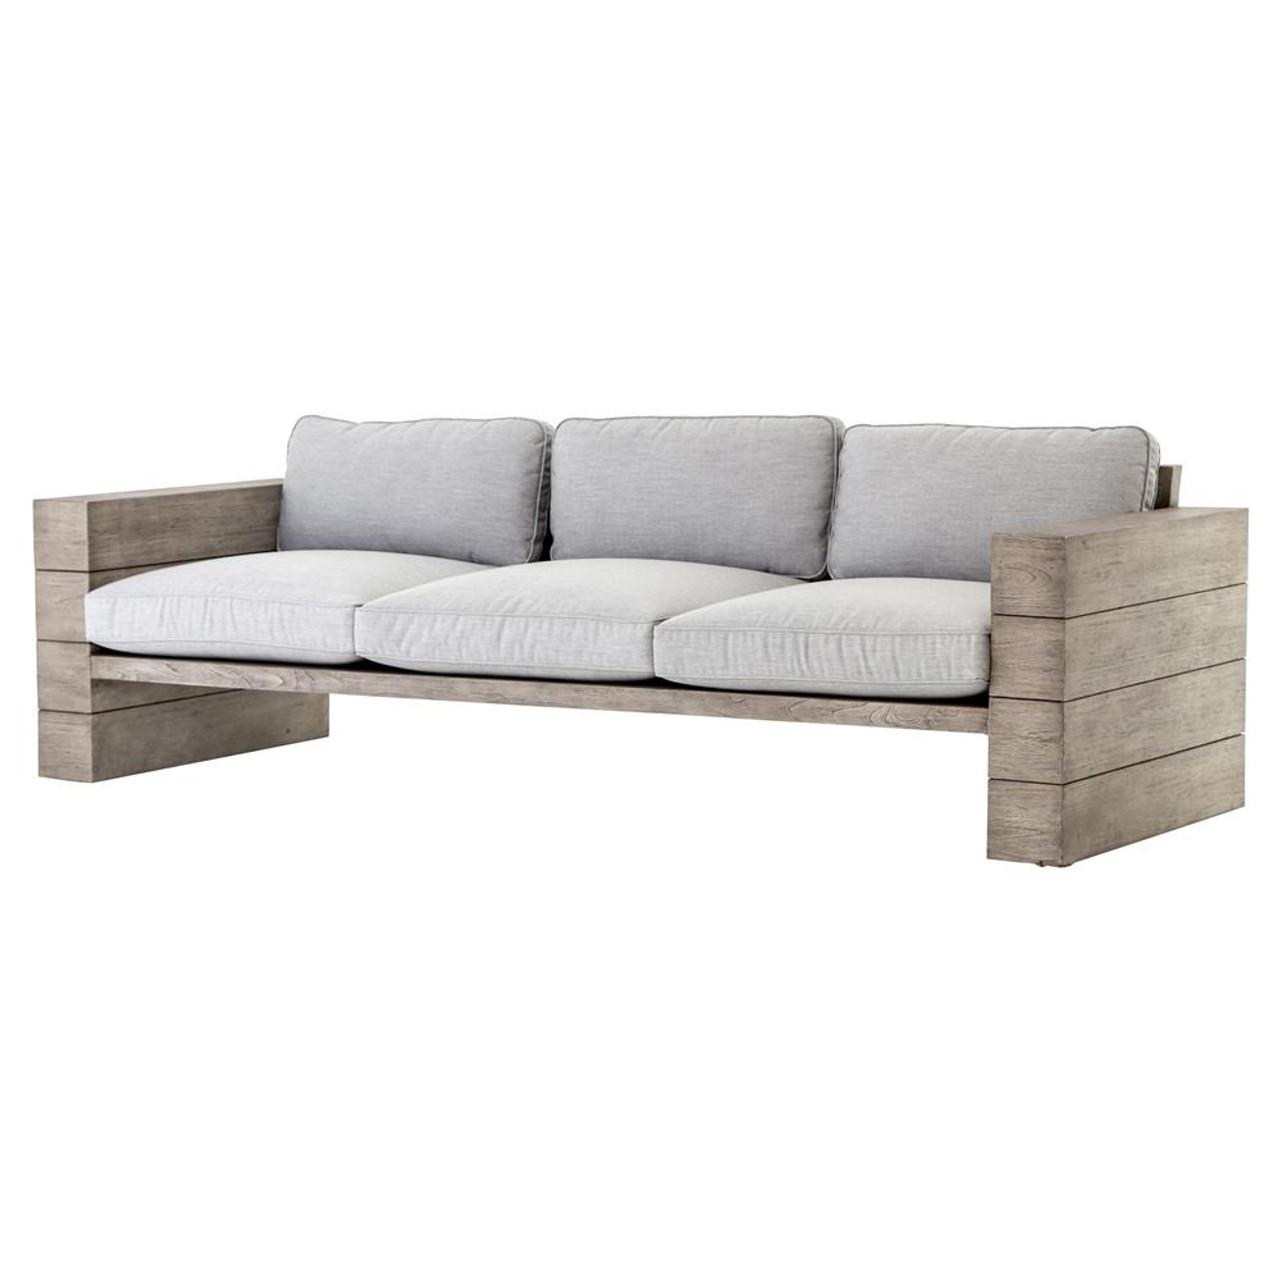 Leroy Cushioned Grey Teak Wood Outdoor Sofa | Zin Home